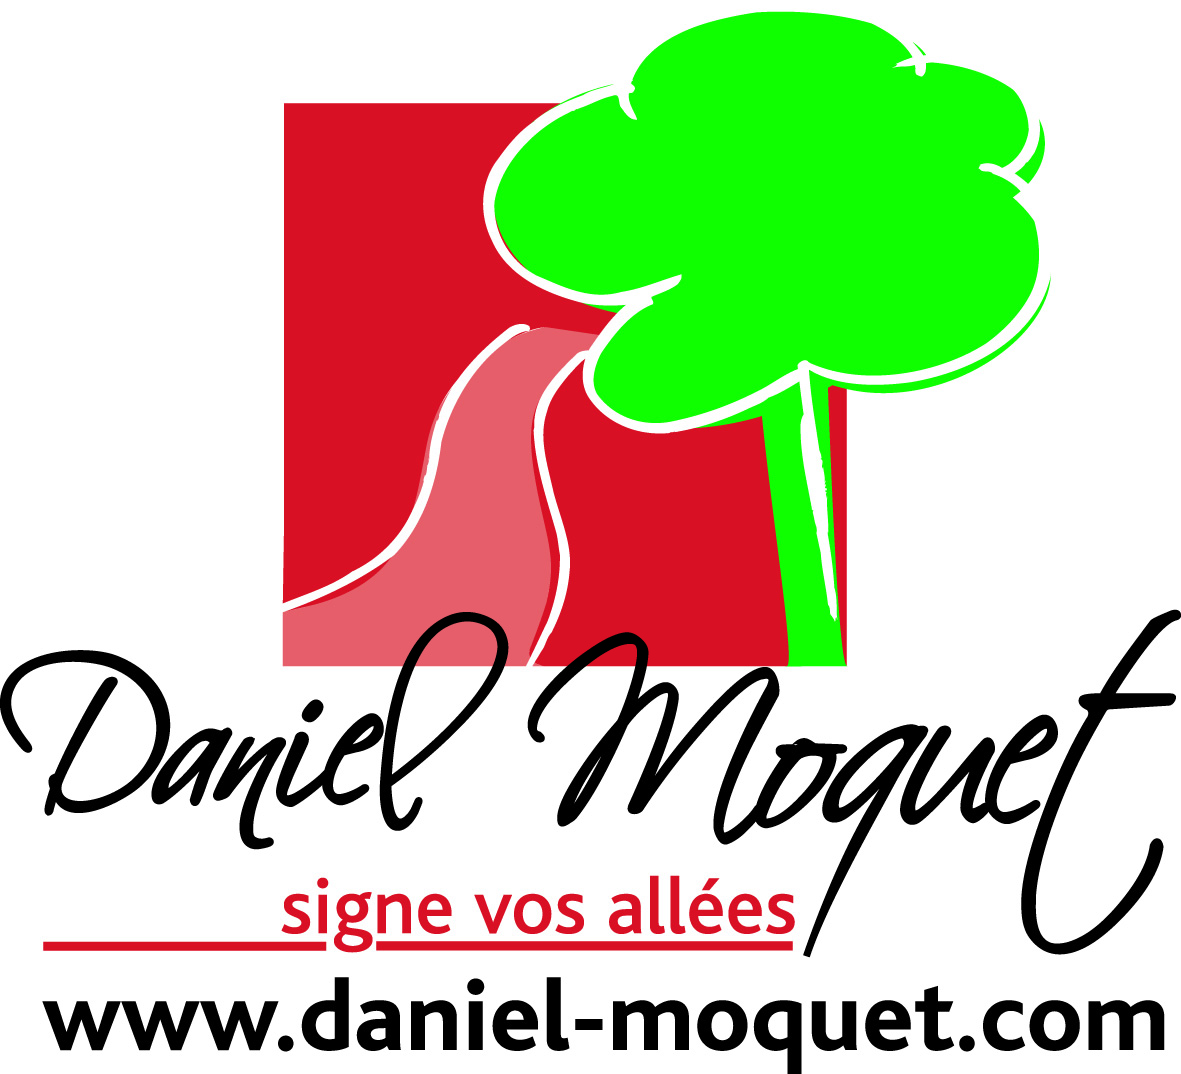 Daniel Moquet signe vos allées - Ent. Lesens